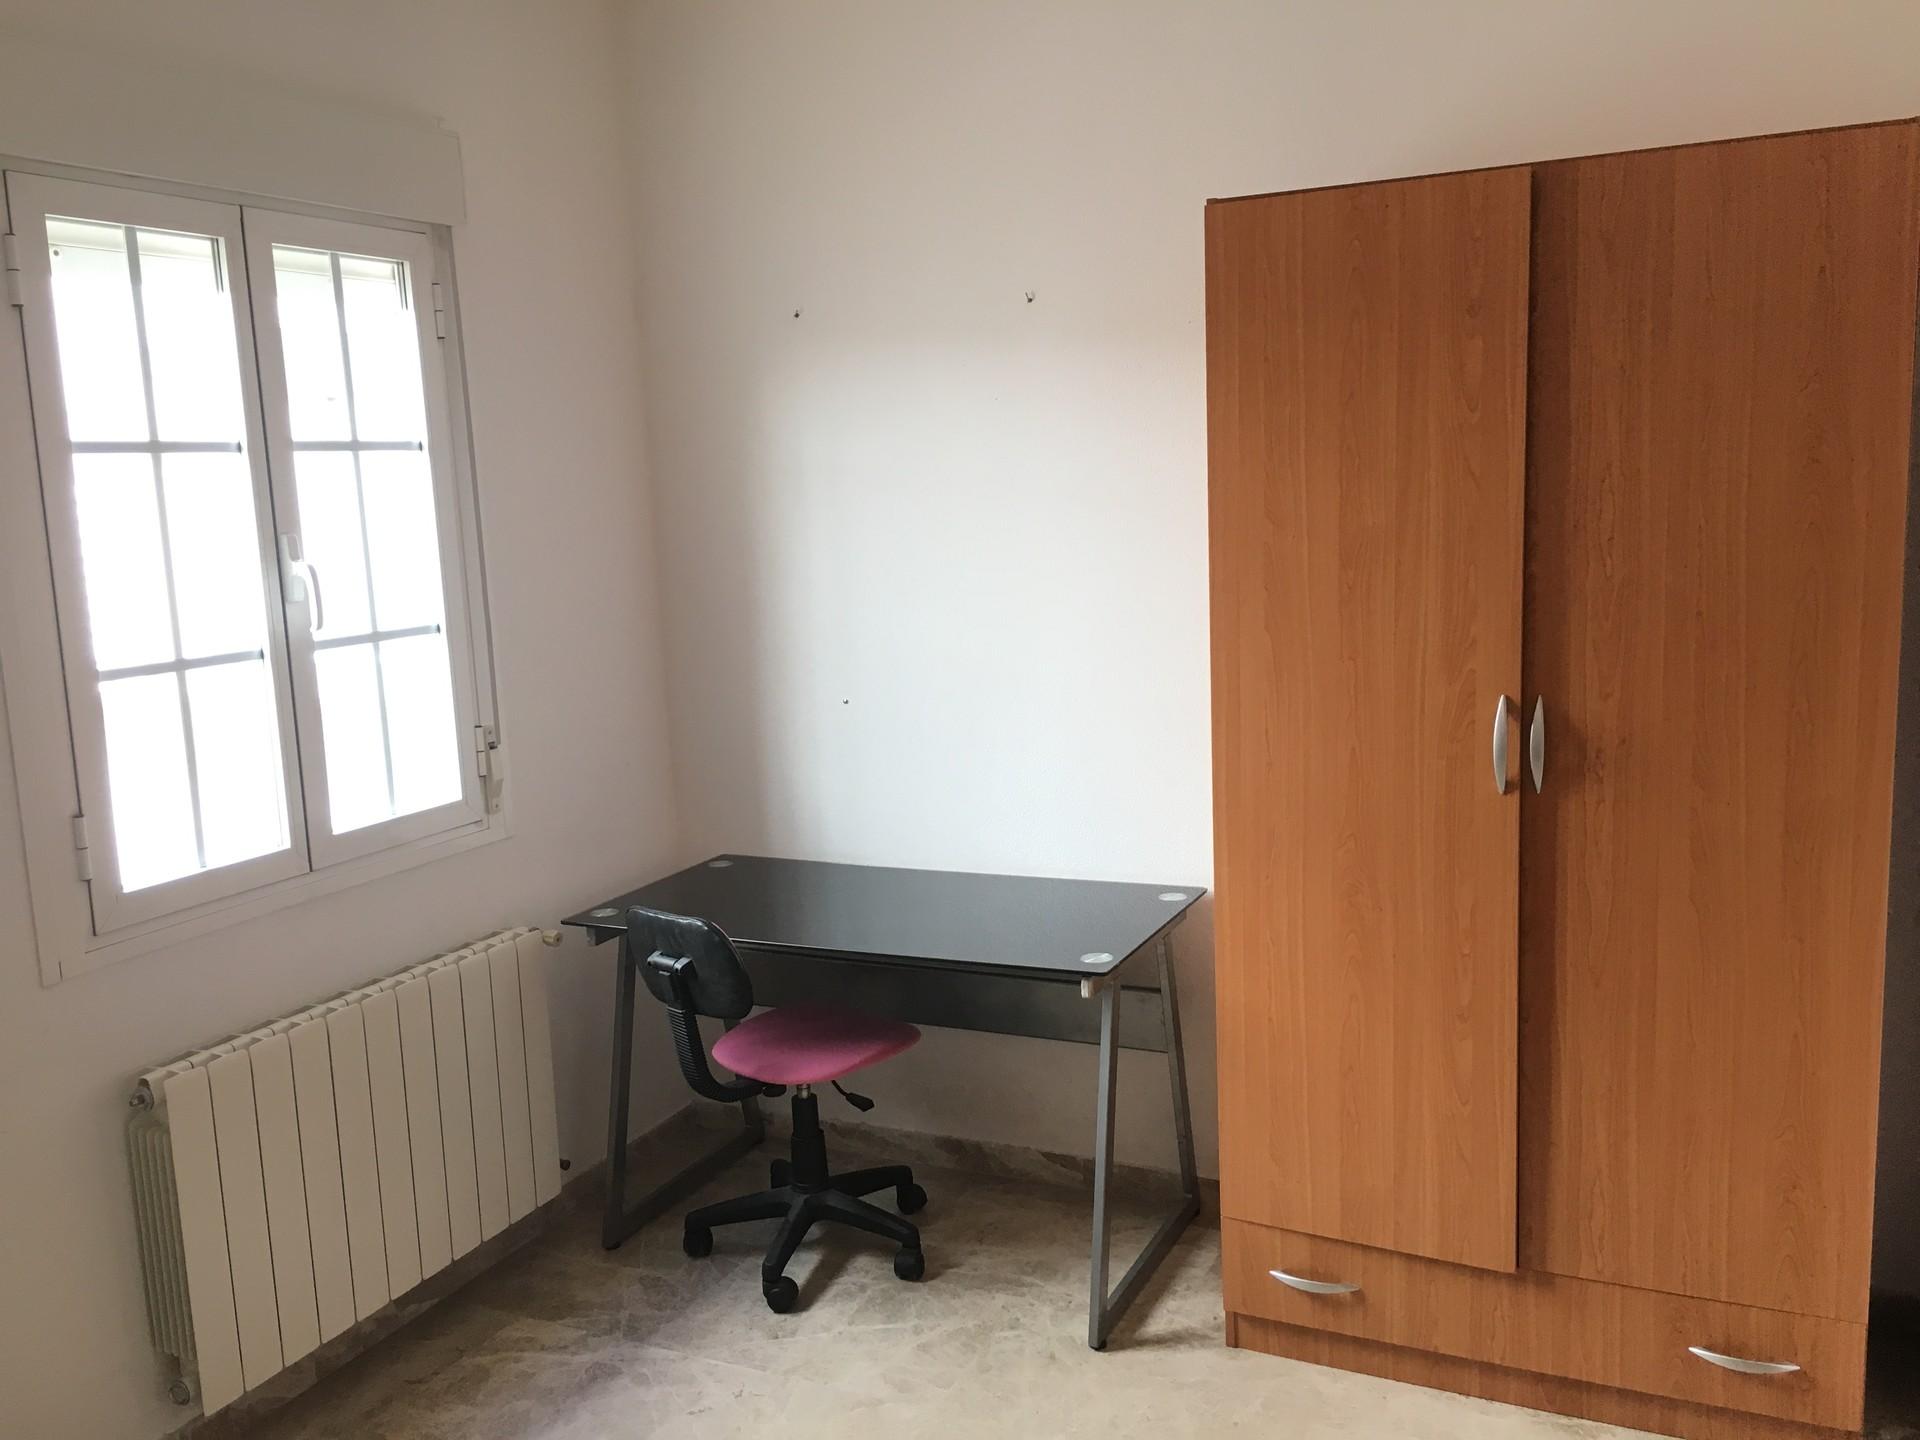 habitacion amplia y luminosa con armario escritori